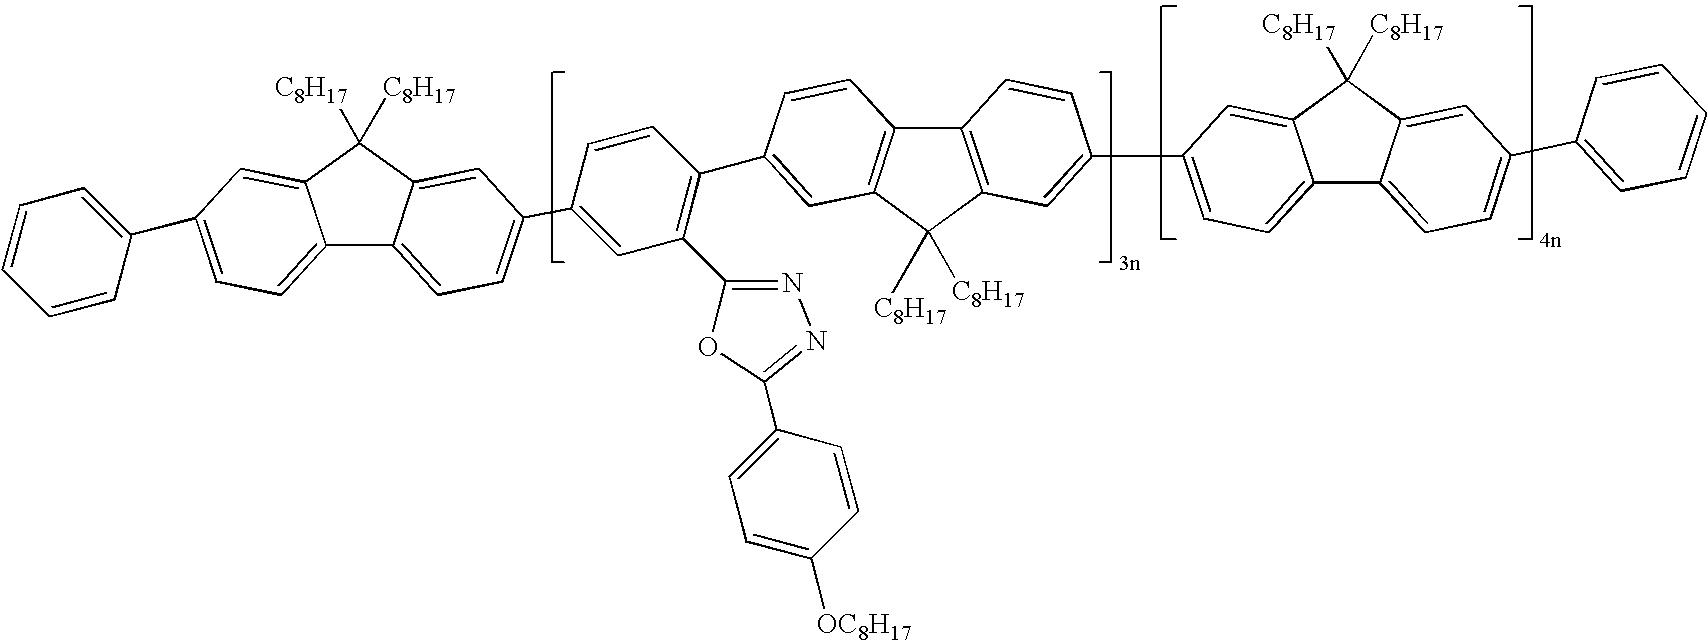 Figure US20040062930A1-20040401-C00069